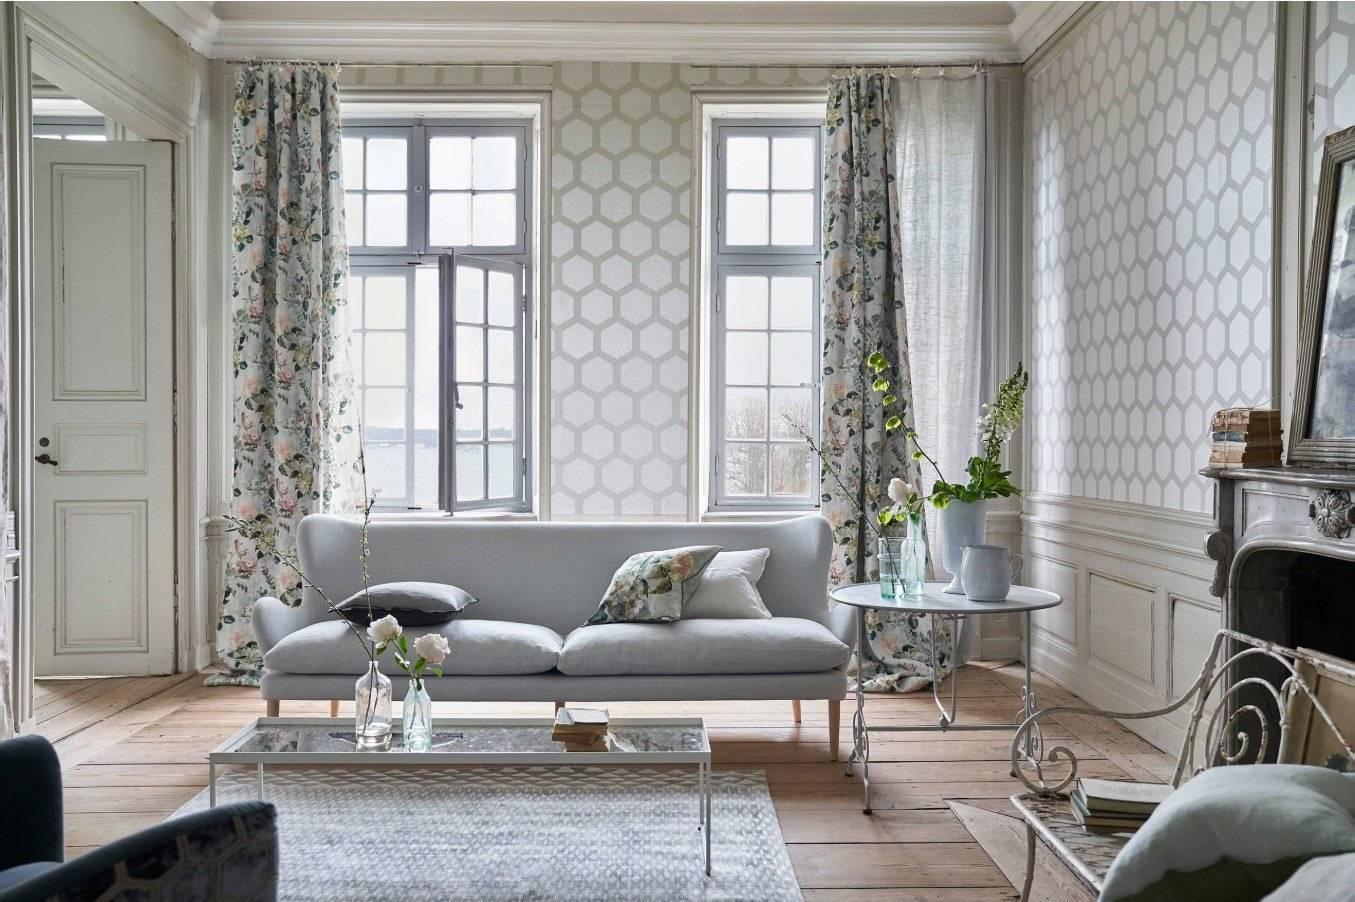 Комбинированные обои в зал (76 фото): идеи комбинирования обоев в гостиной, примеры обоев-компаньонов в интерьере гостиной